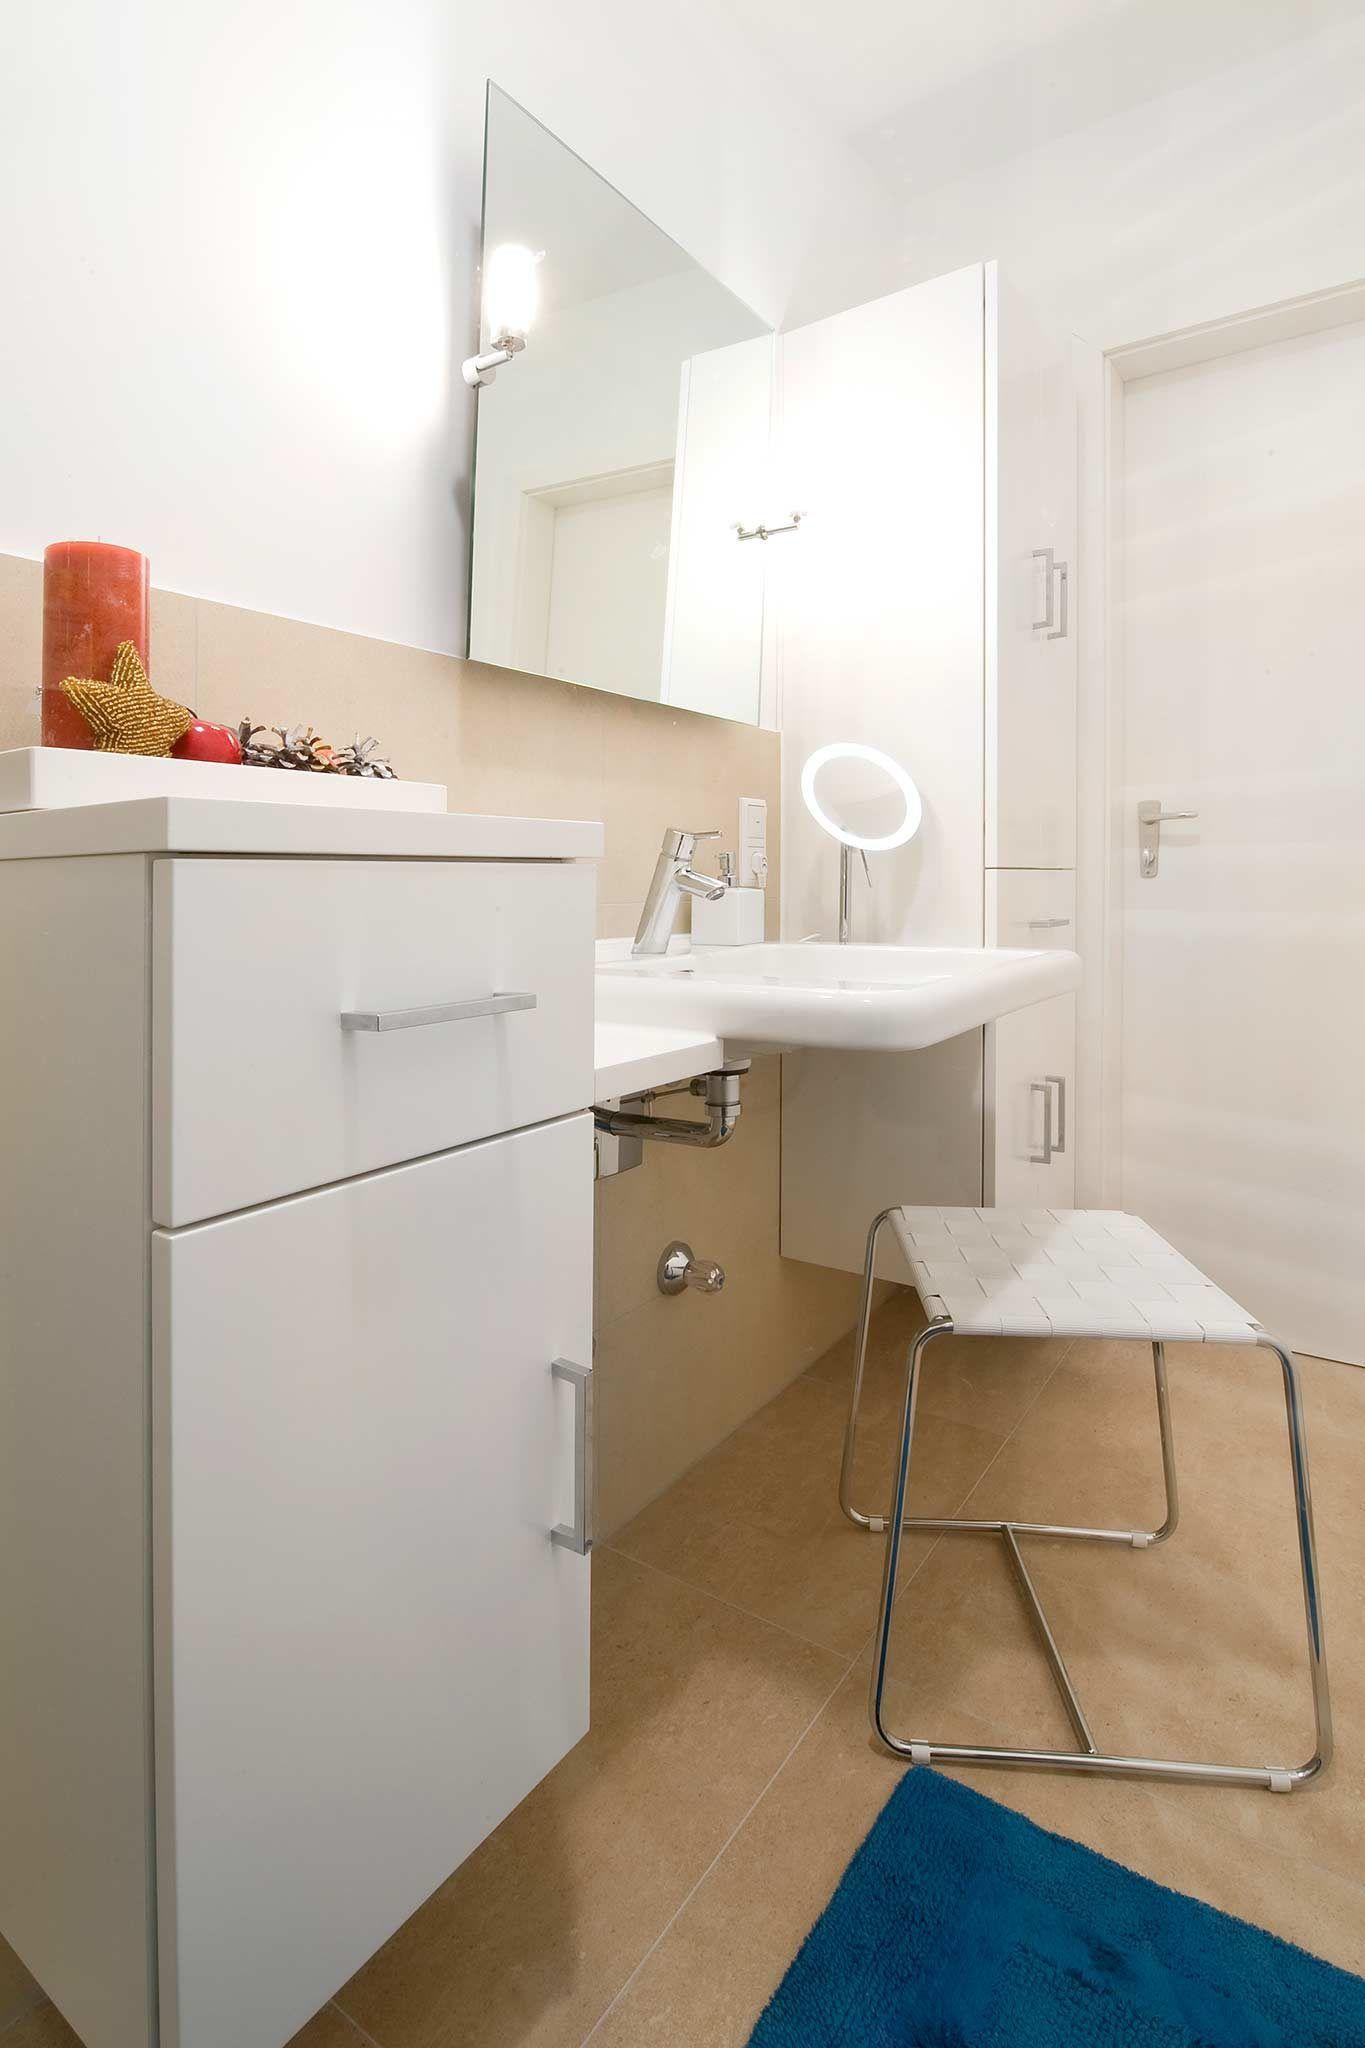 Heimwohl Badezimmer Badgestaltung Klappsitz Heim